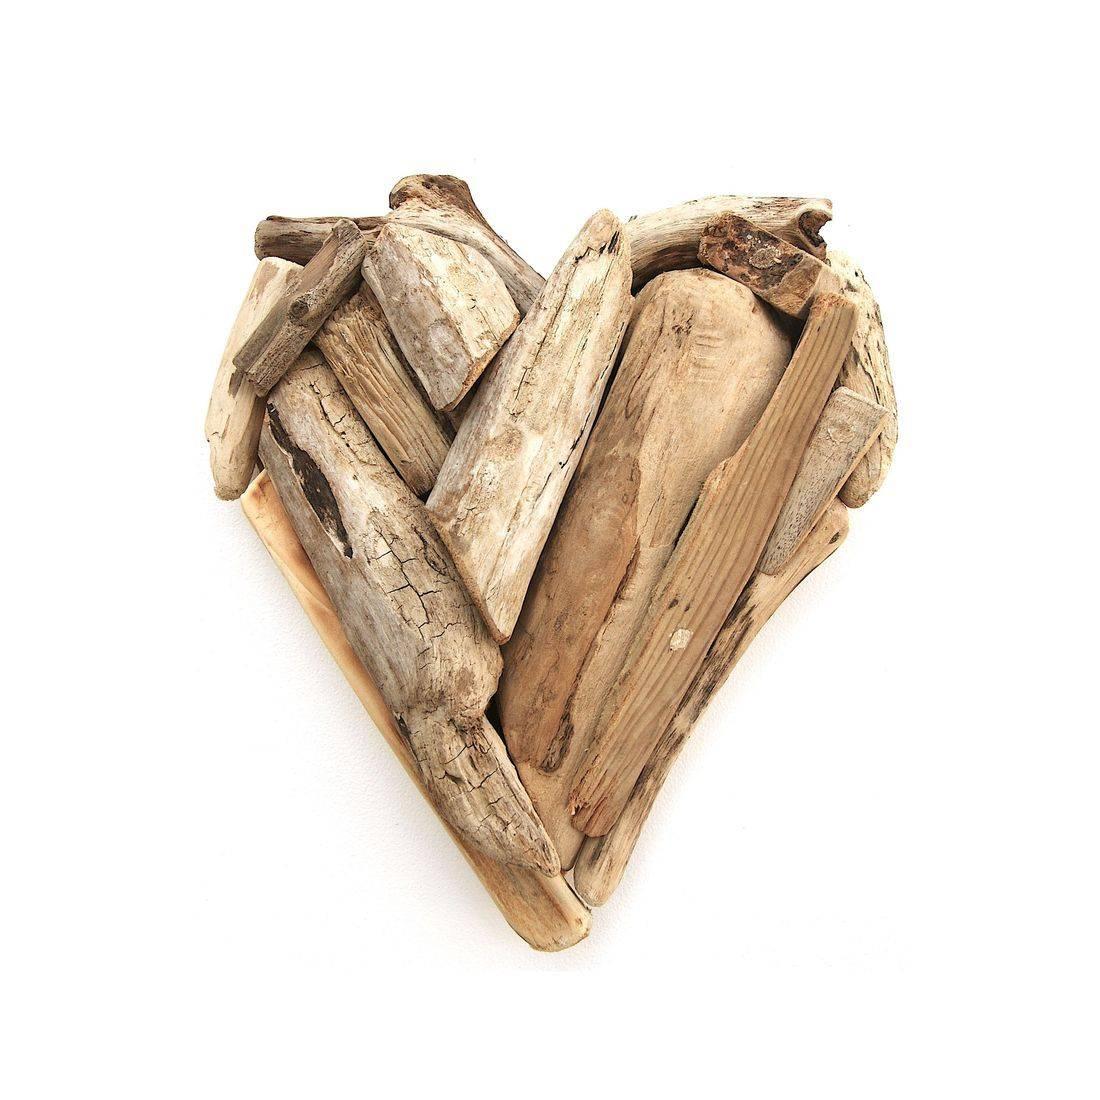 Driftwood Heart 4